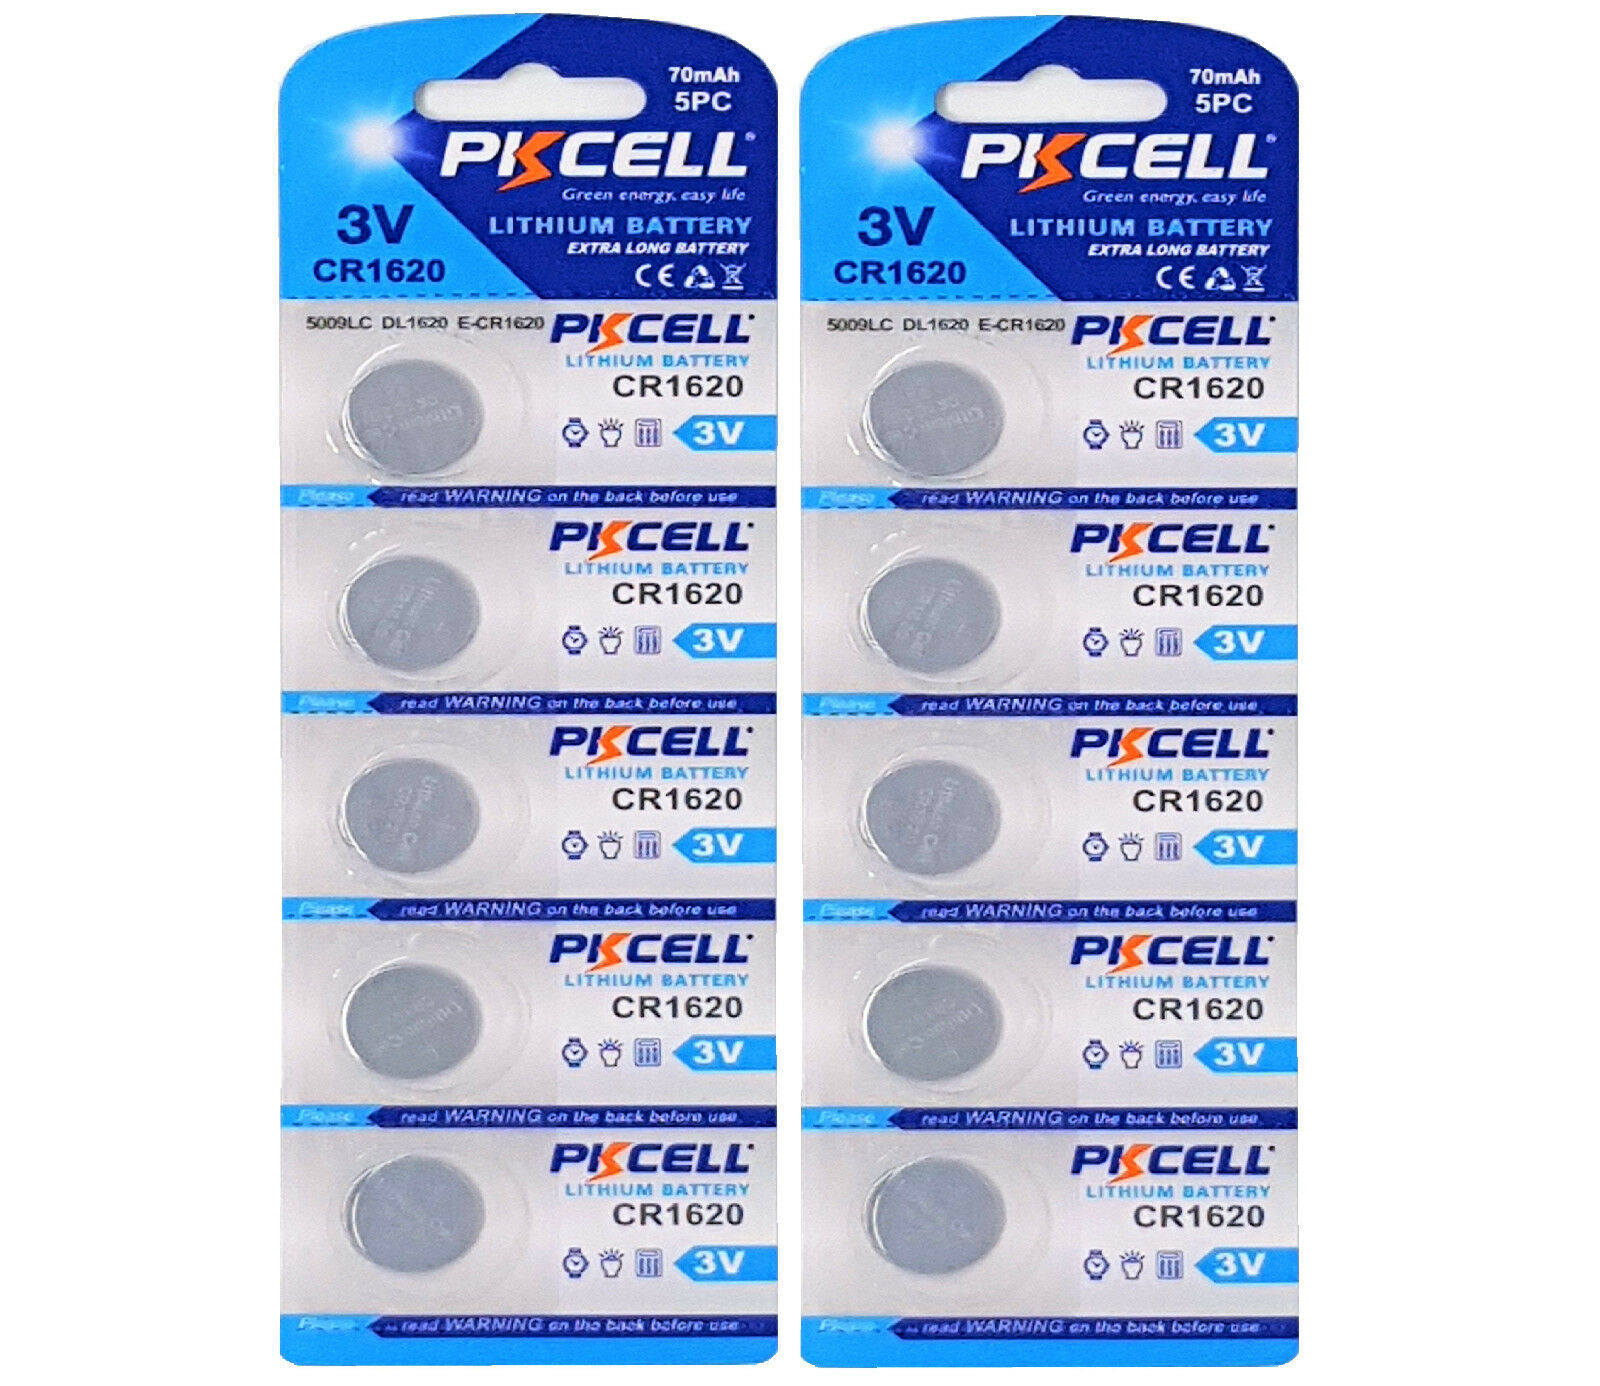 ☀ ☀ ☀ ☀ ☀ 10 x CR1620 3V Lithium Button Cell 70 Mah (2 Card A 5 batteries) PK